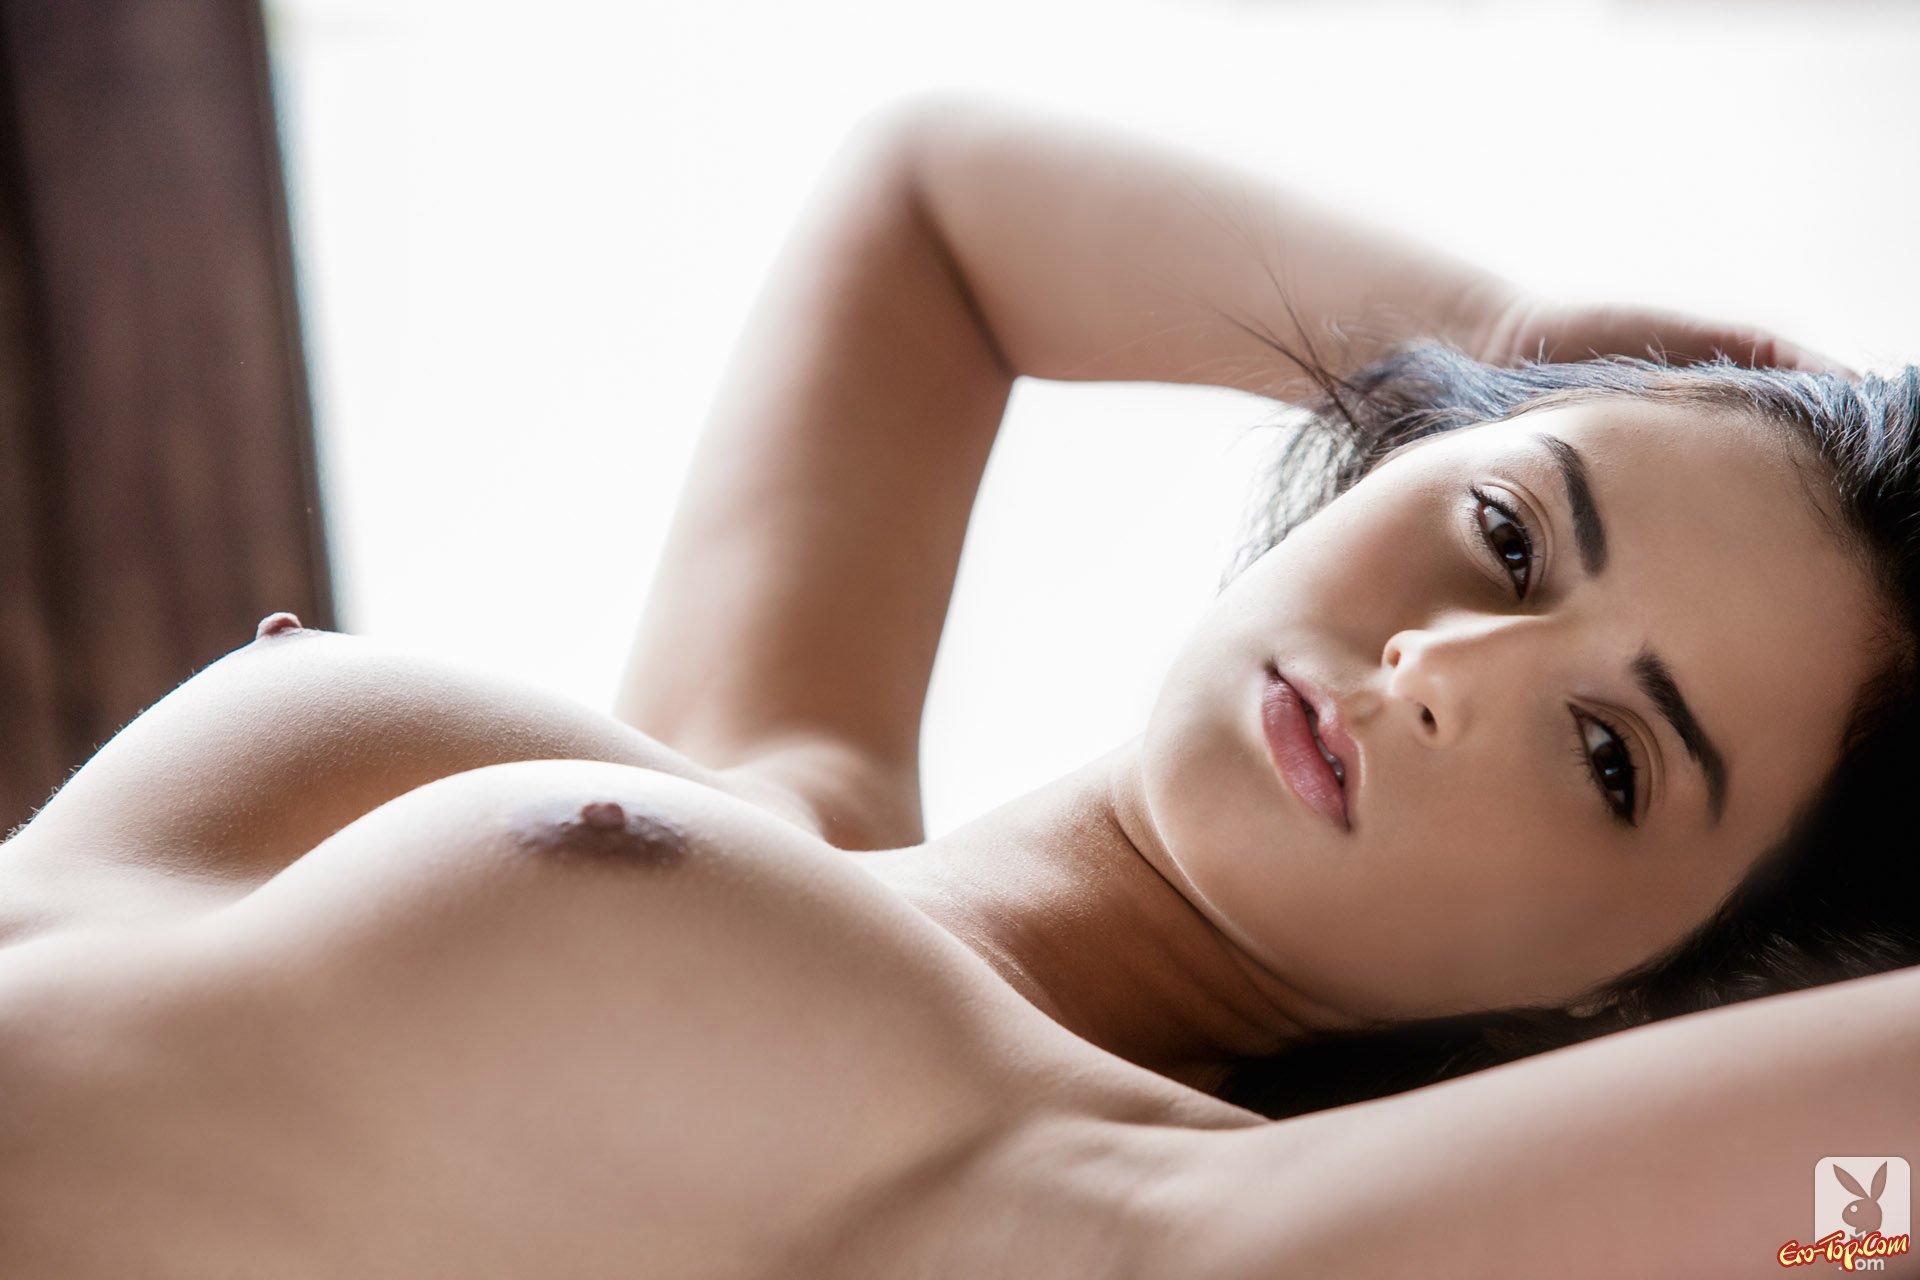 Эротика упругая грудь 21 фотография